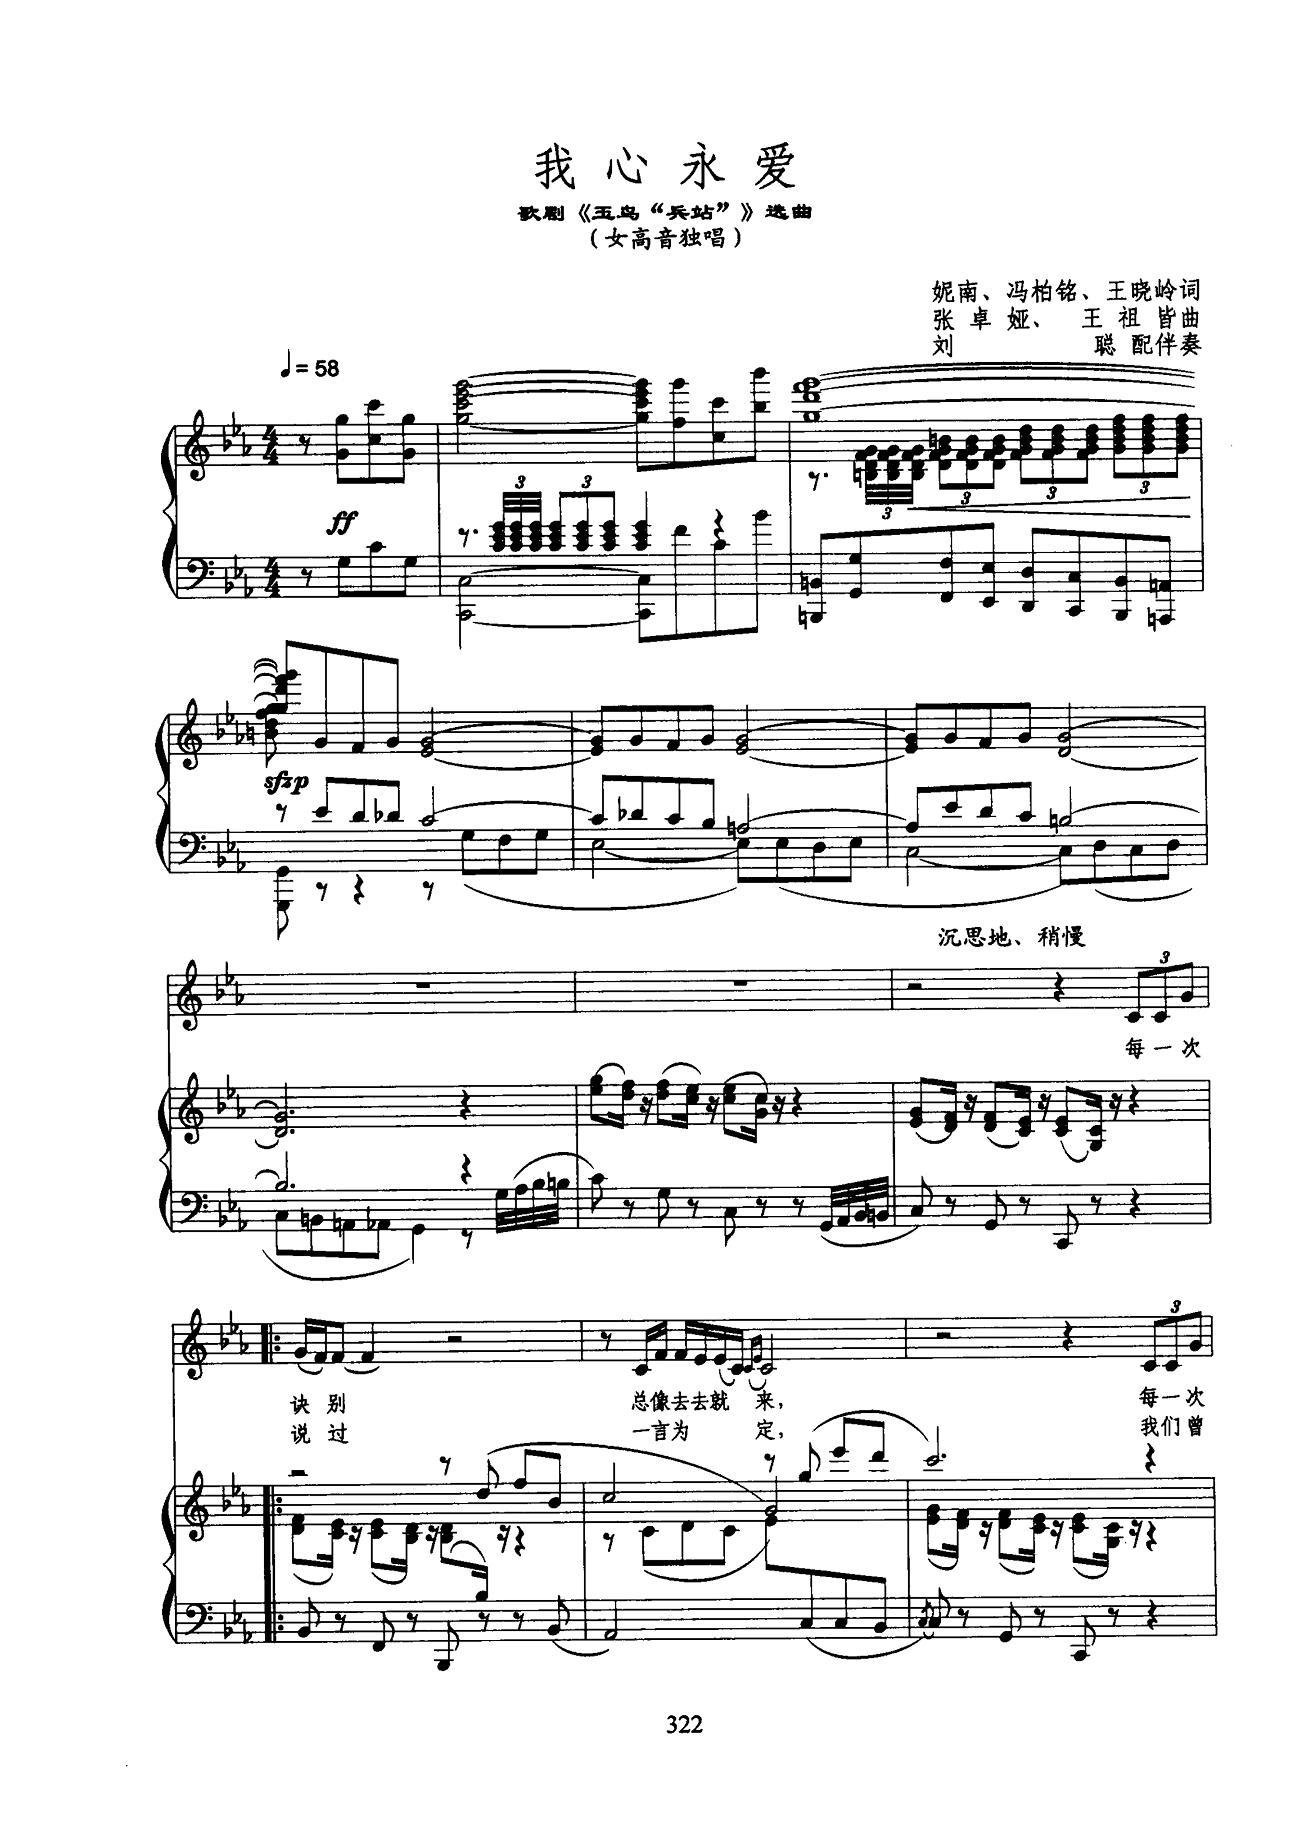 欢乐颂 c大调五线谱